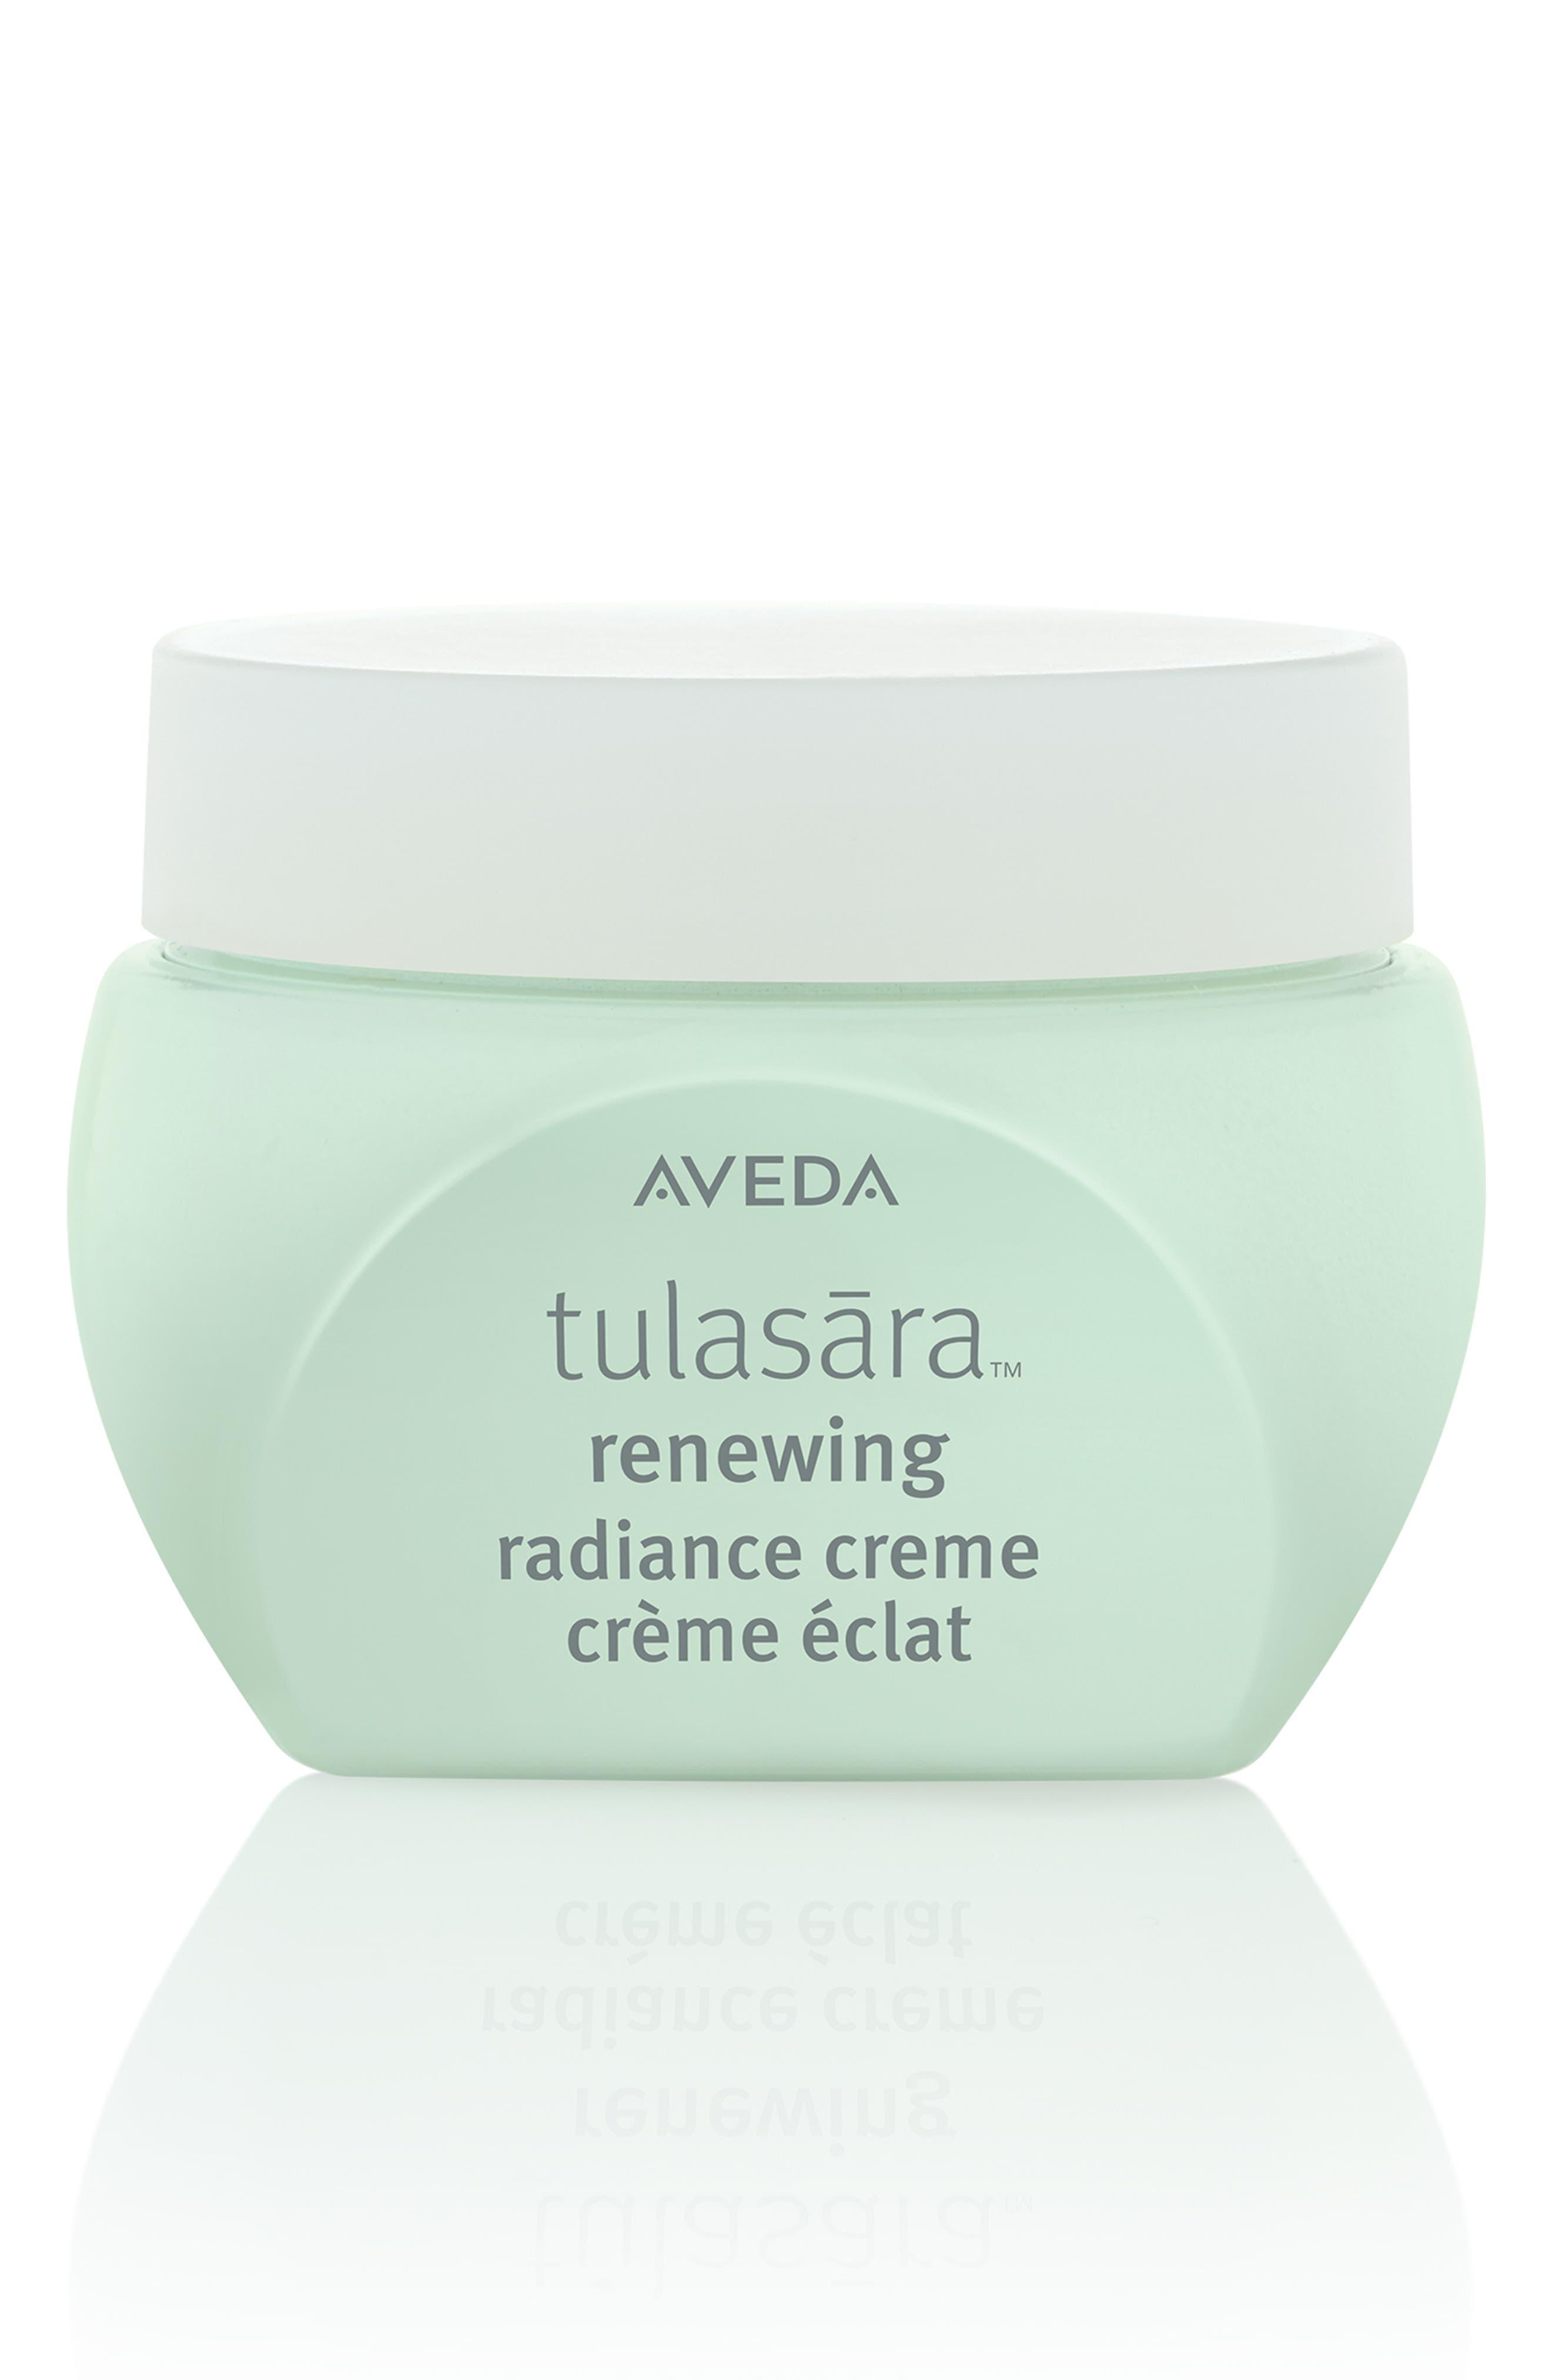 Tulasara(TM) Renewing Radiance Creme